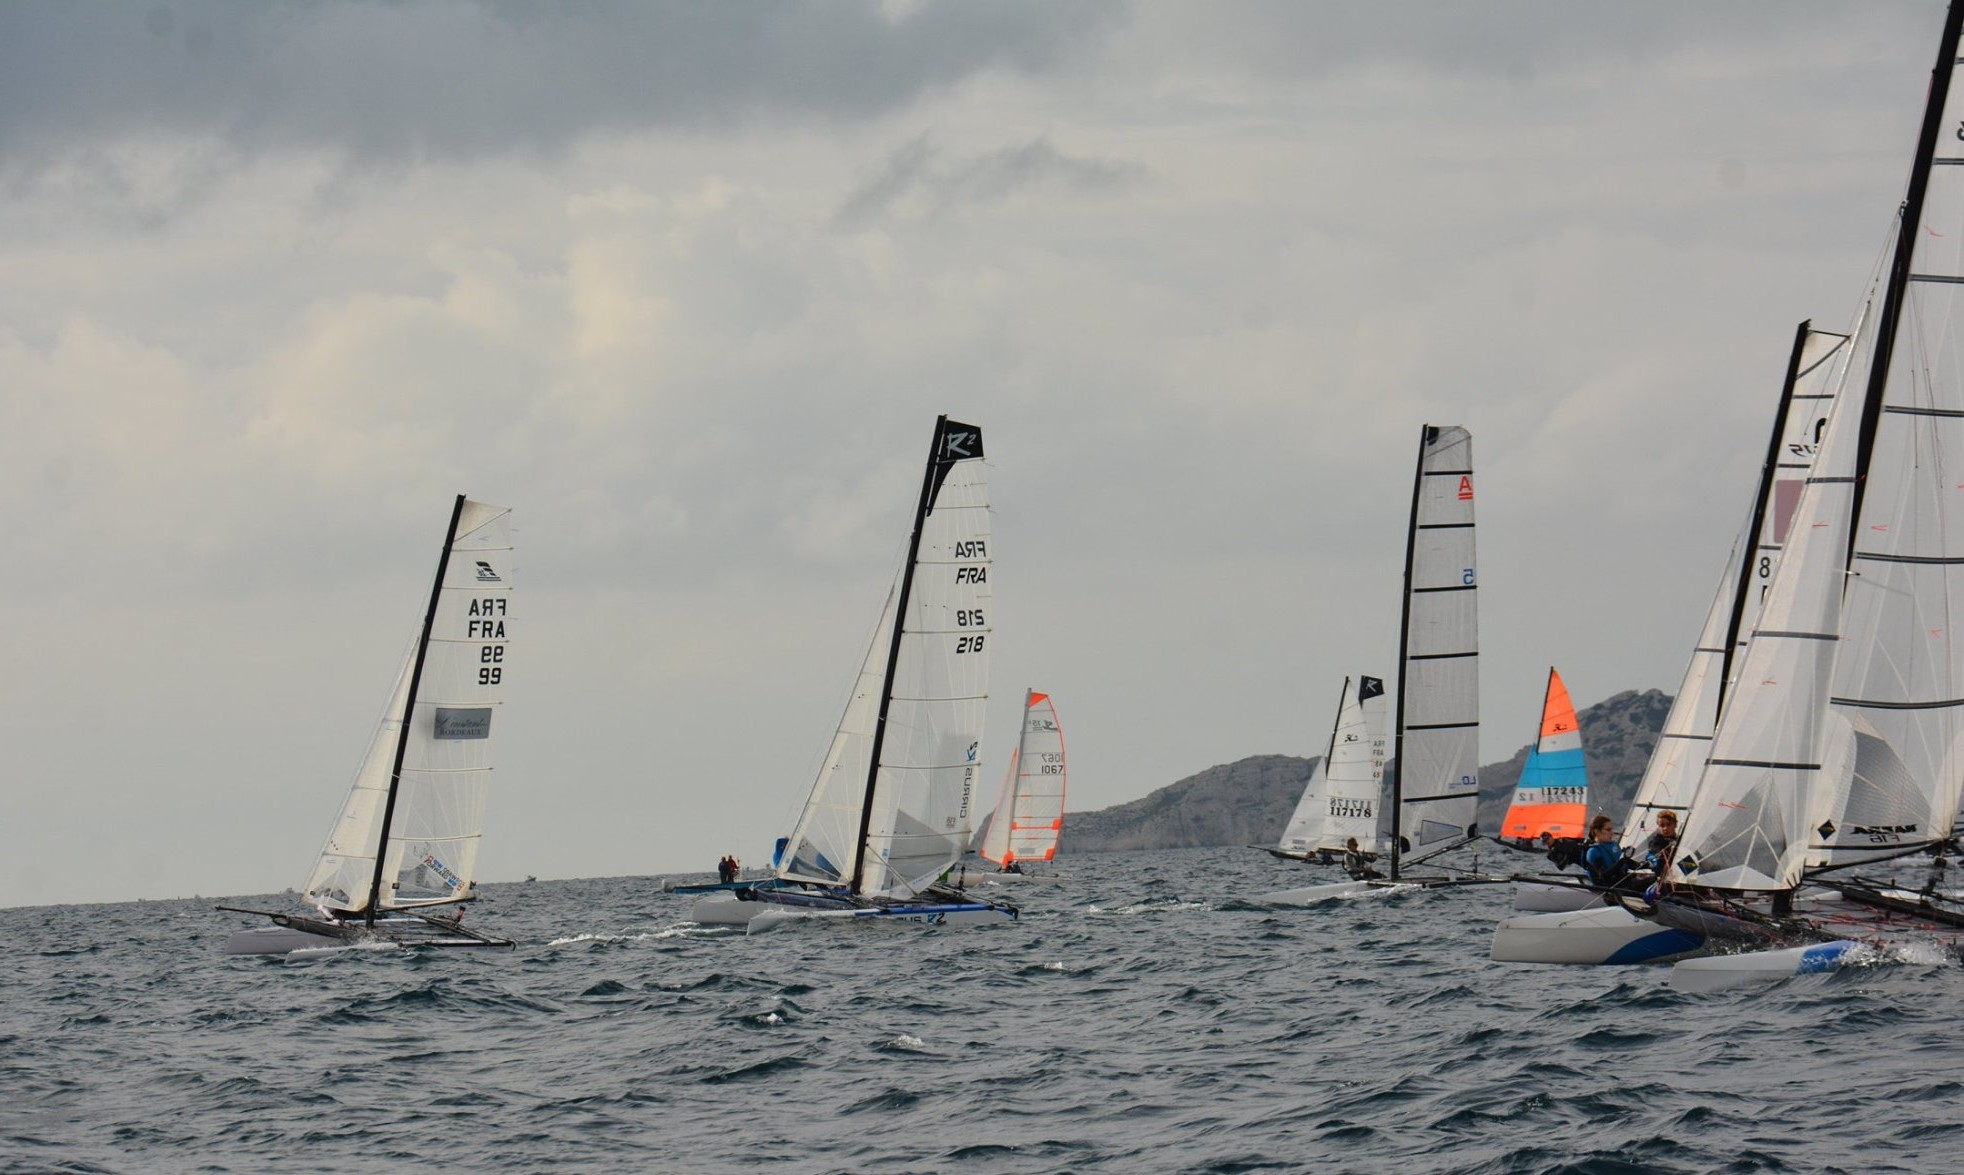 Départ sur le Championnat de France catamaran